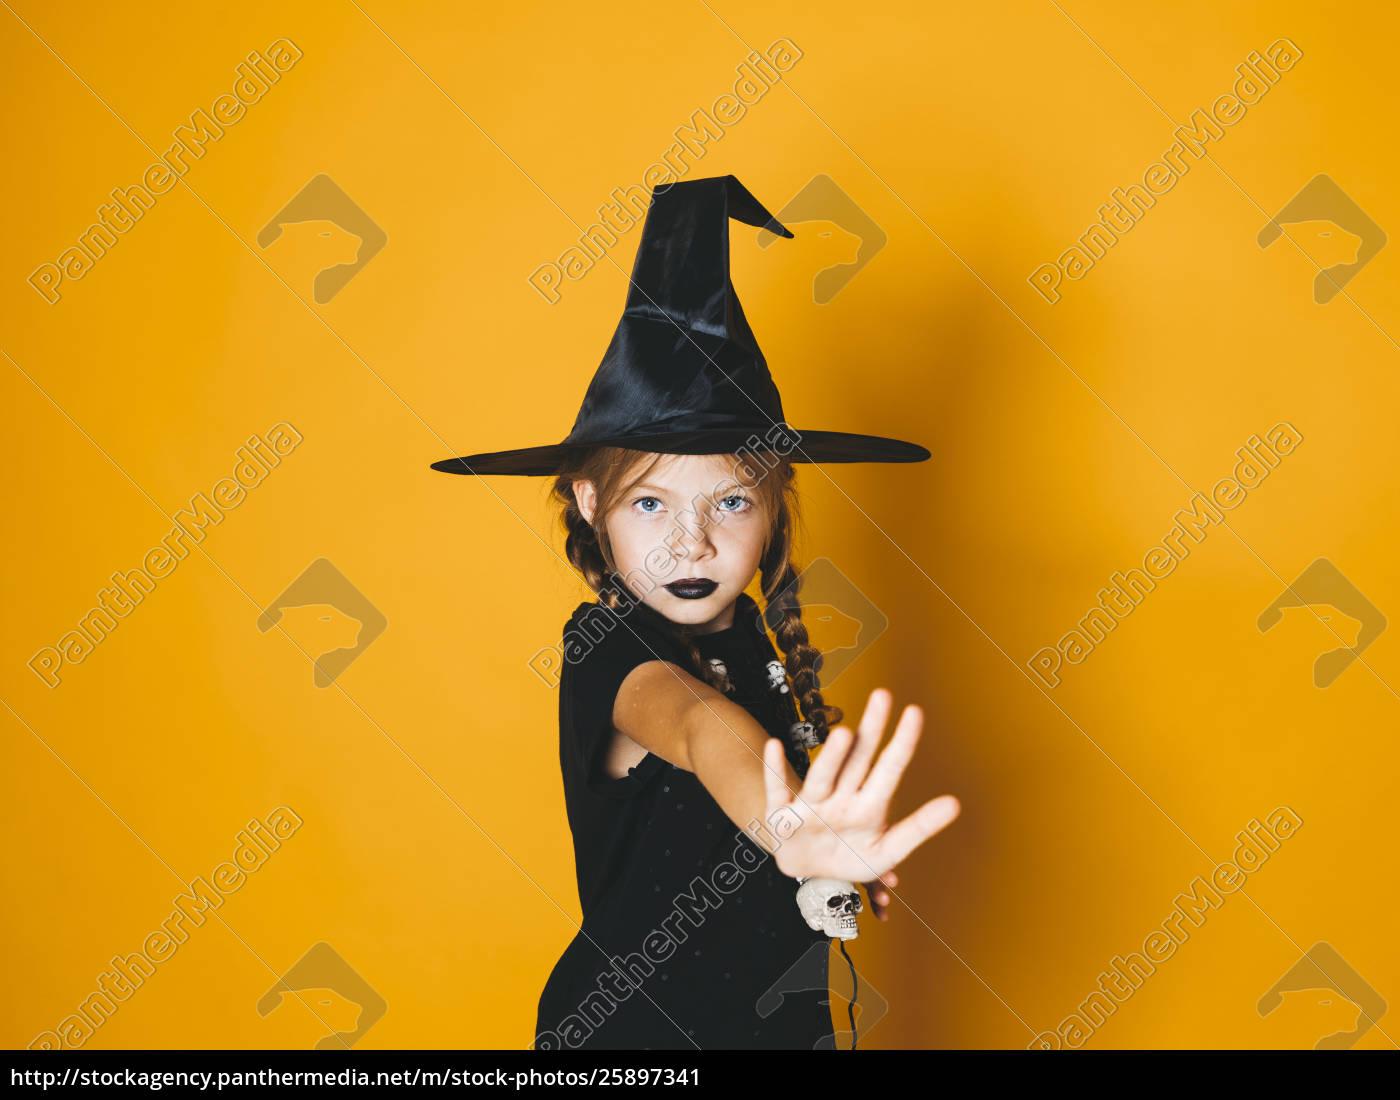 Stockfoto 25897341 Junge Halloween Hexe Auf Orangefarbenem Hintergrund Mit